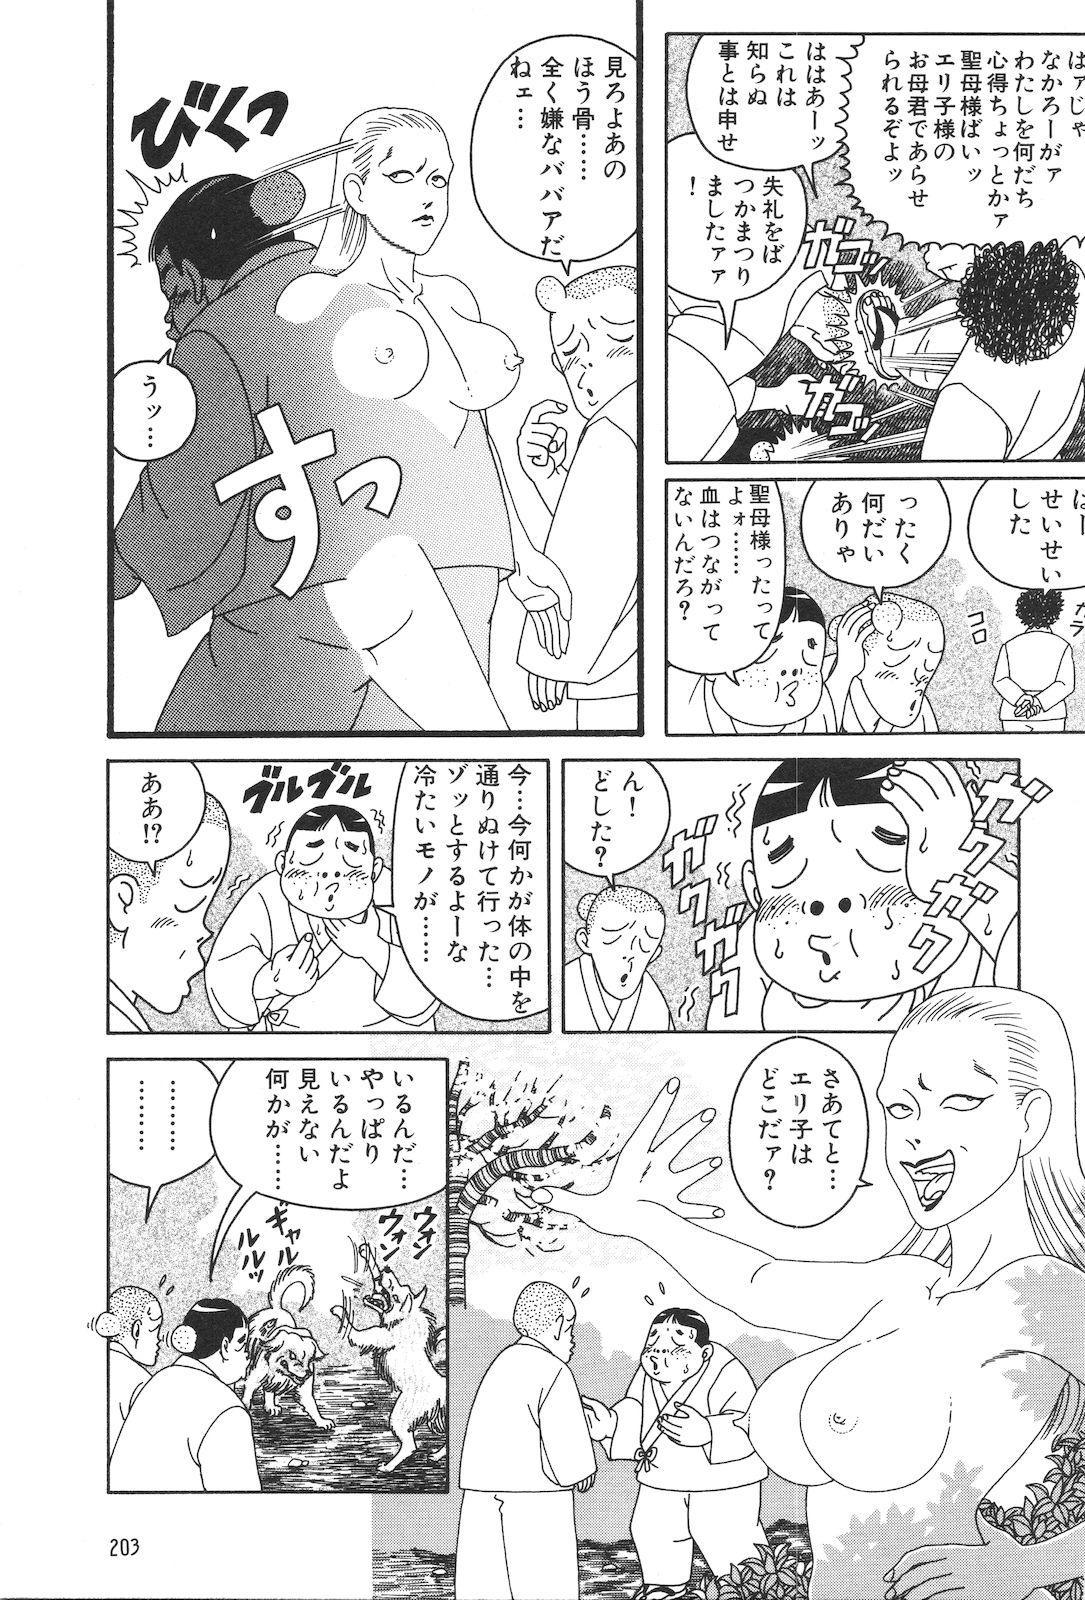 Dobusarai Gekijou 204